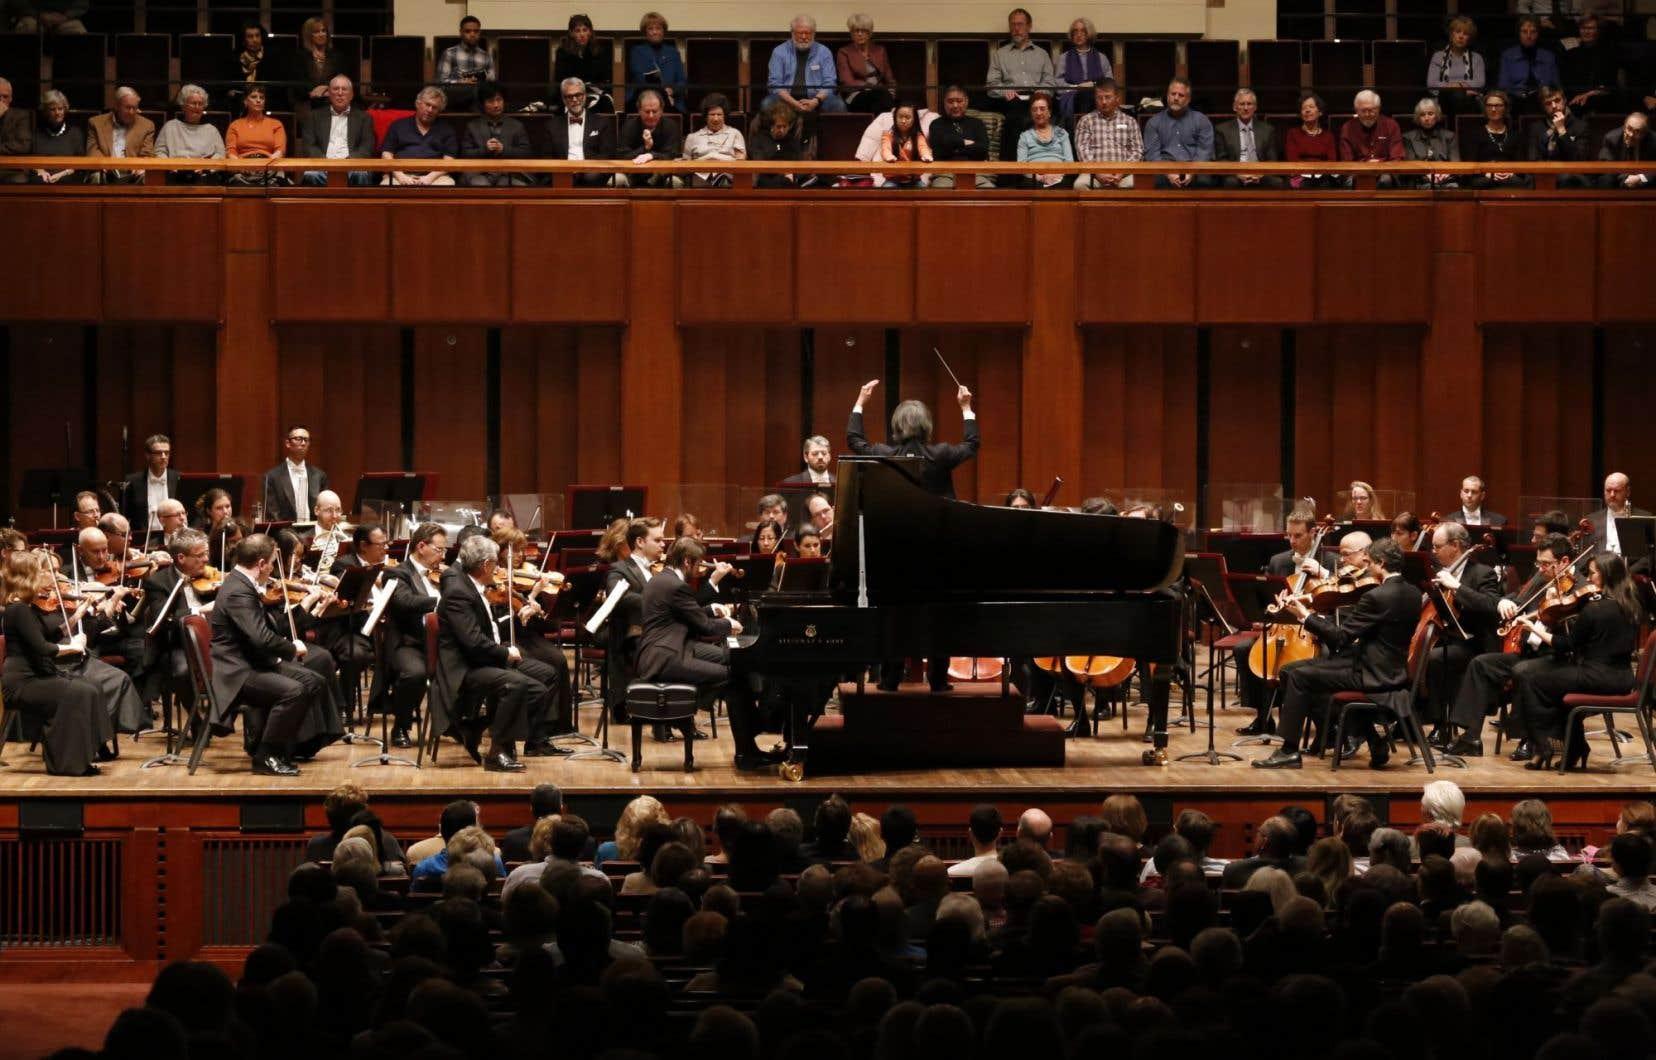 Kent Nagano en tournée surdirige un peu, s'exprimant avec beaucoup d'emphase gestuelle sur des choses que l'on entend à peine, mais c'est agréable à suivre.